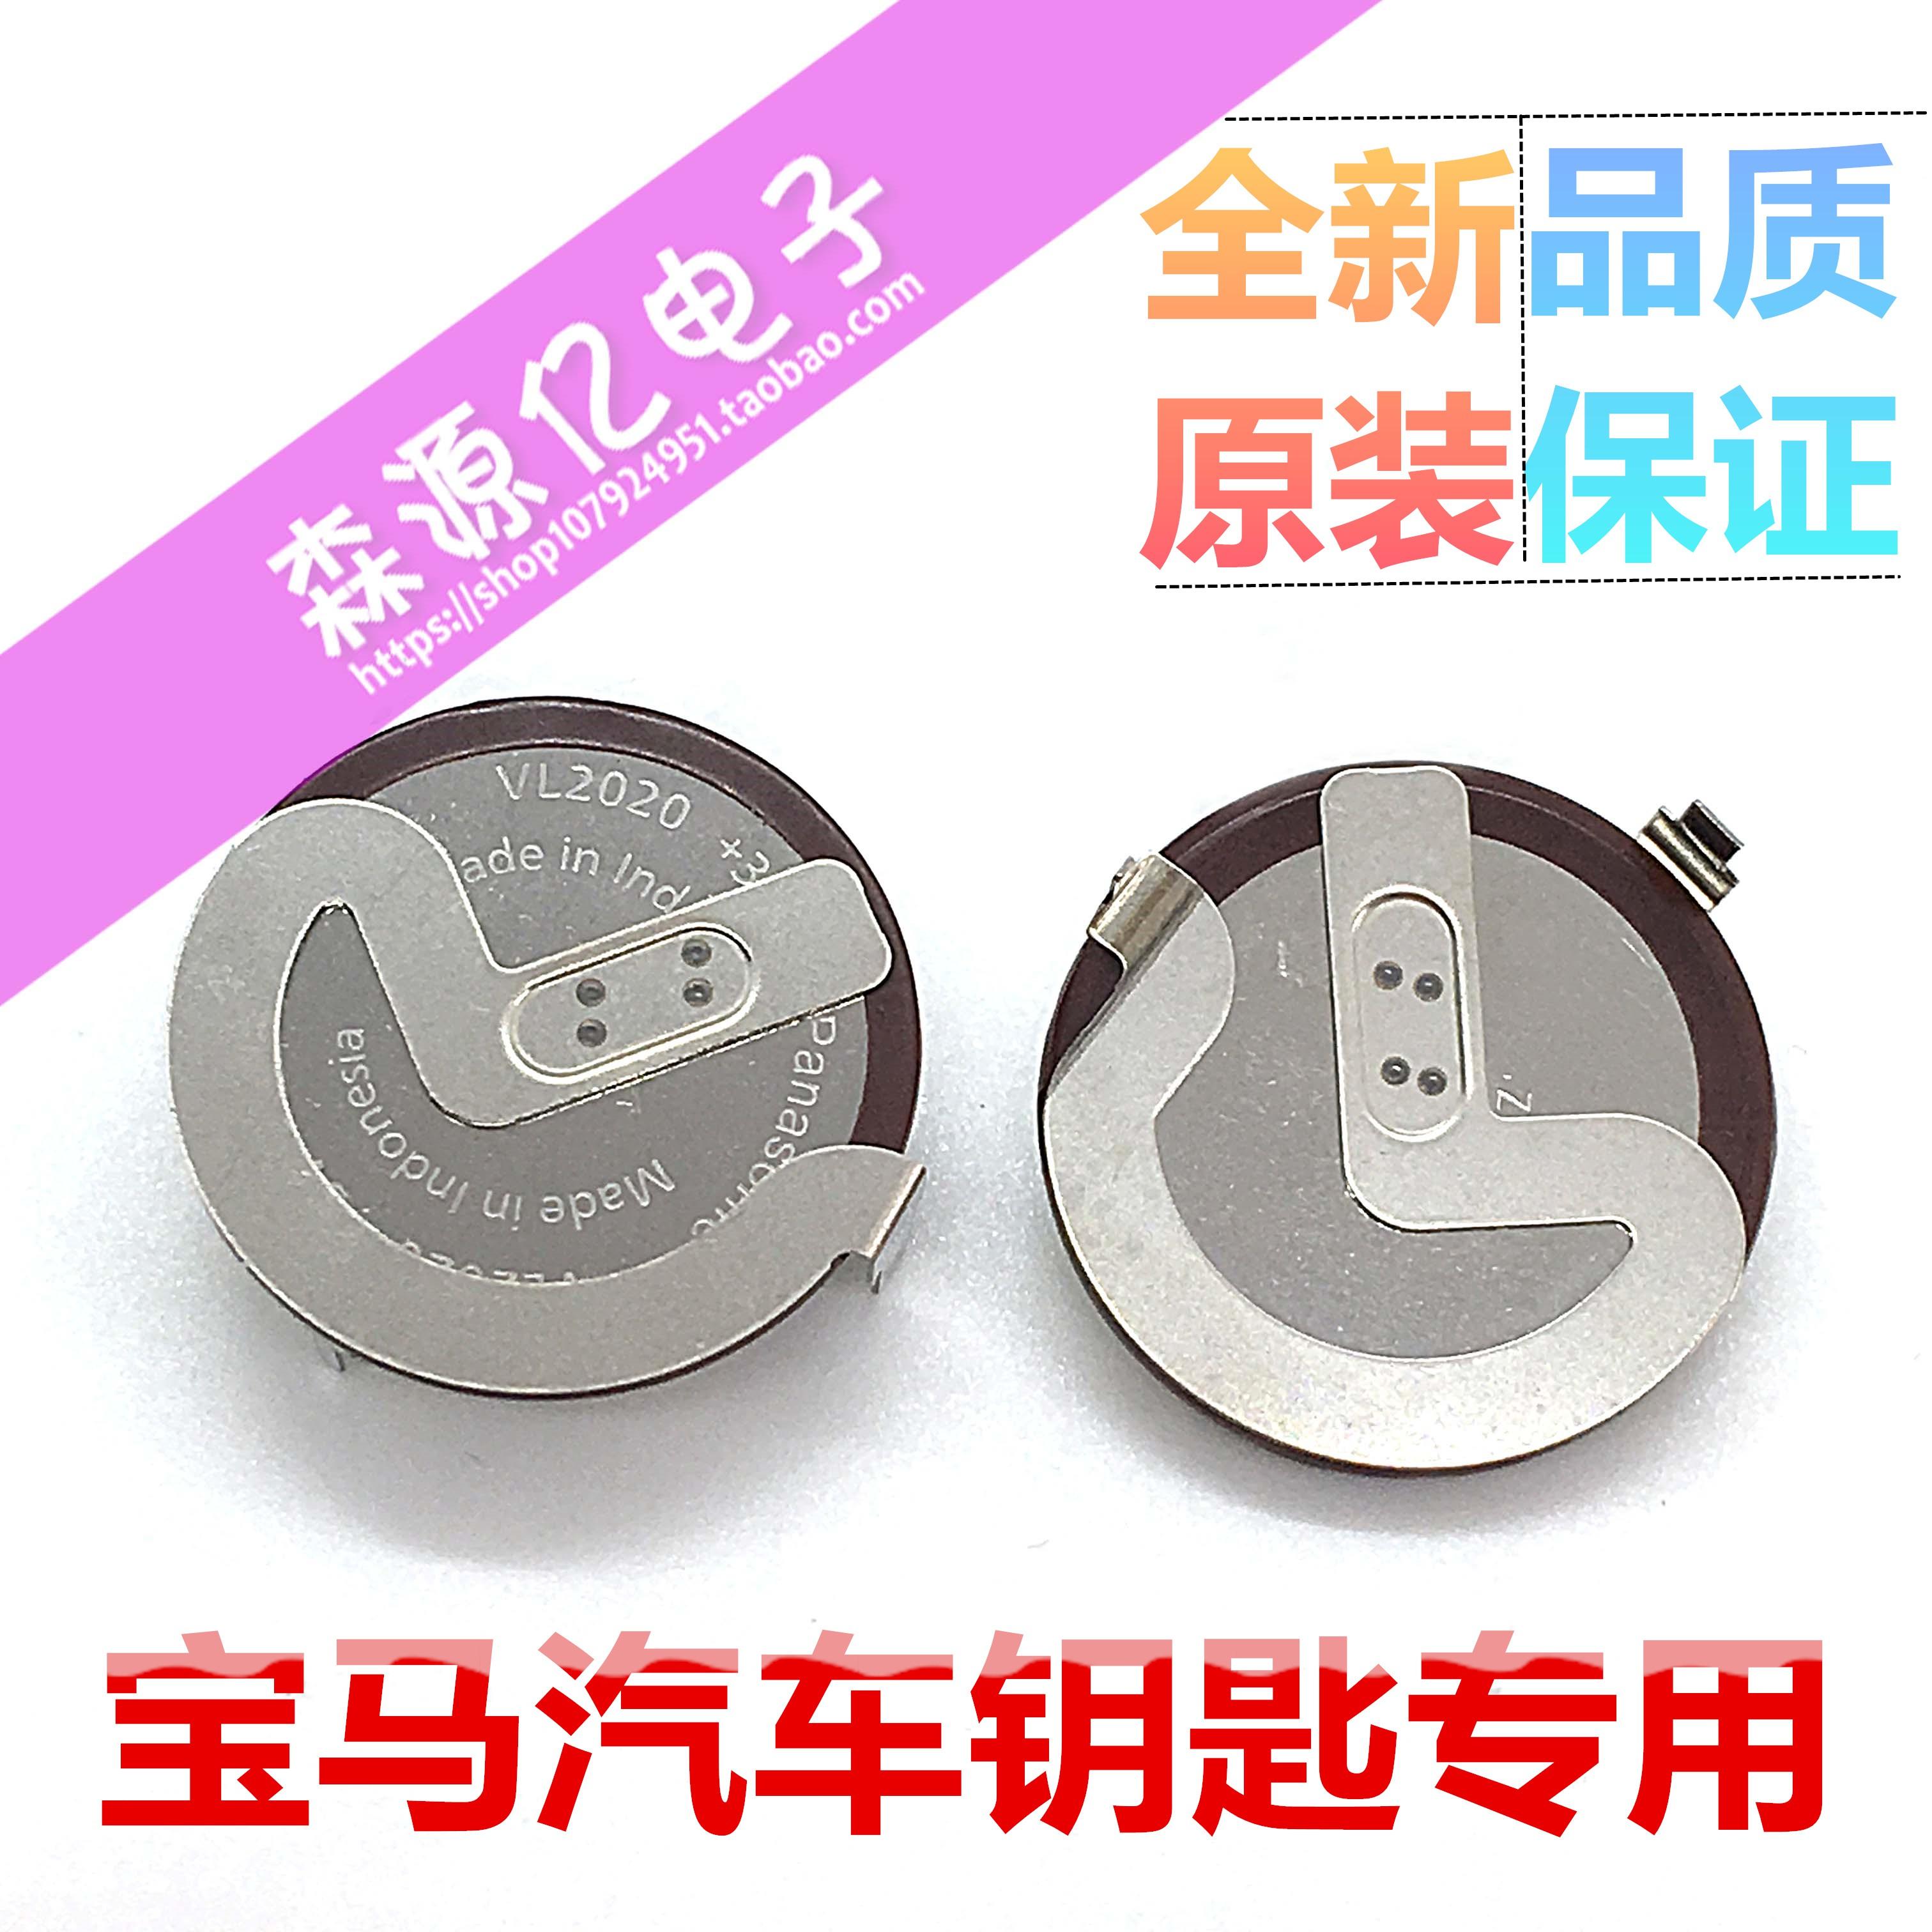 免運 電池 VL2020 原裝松下3V電池 VL2020可充電 90度焊腳 寶馬汽車鑰匙專用